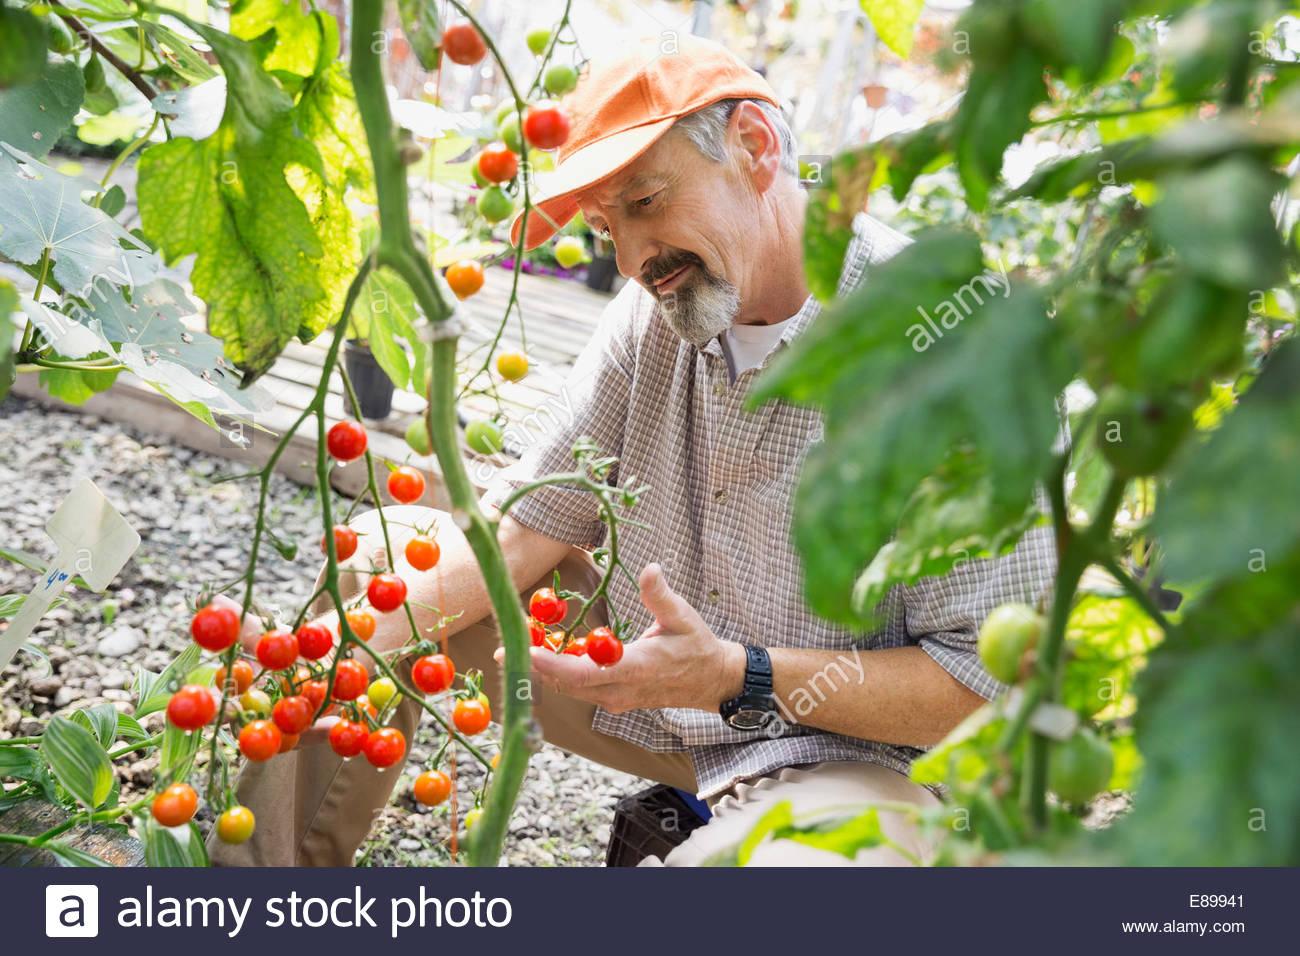 Arbeiter, die Prüfung von Tomaten in Gärtnerei Stockbild